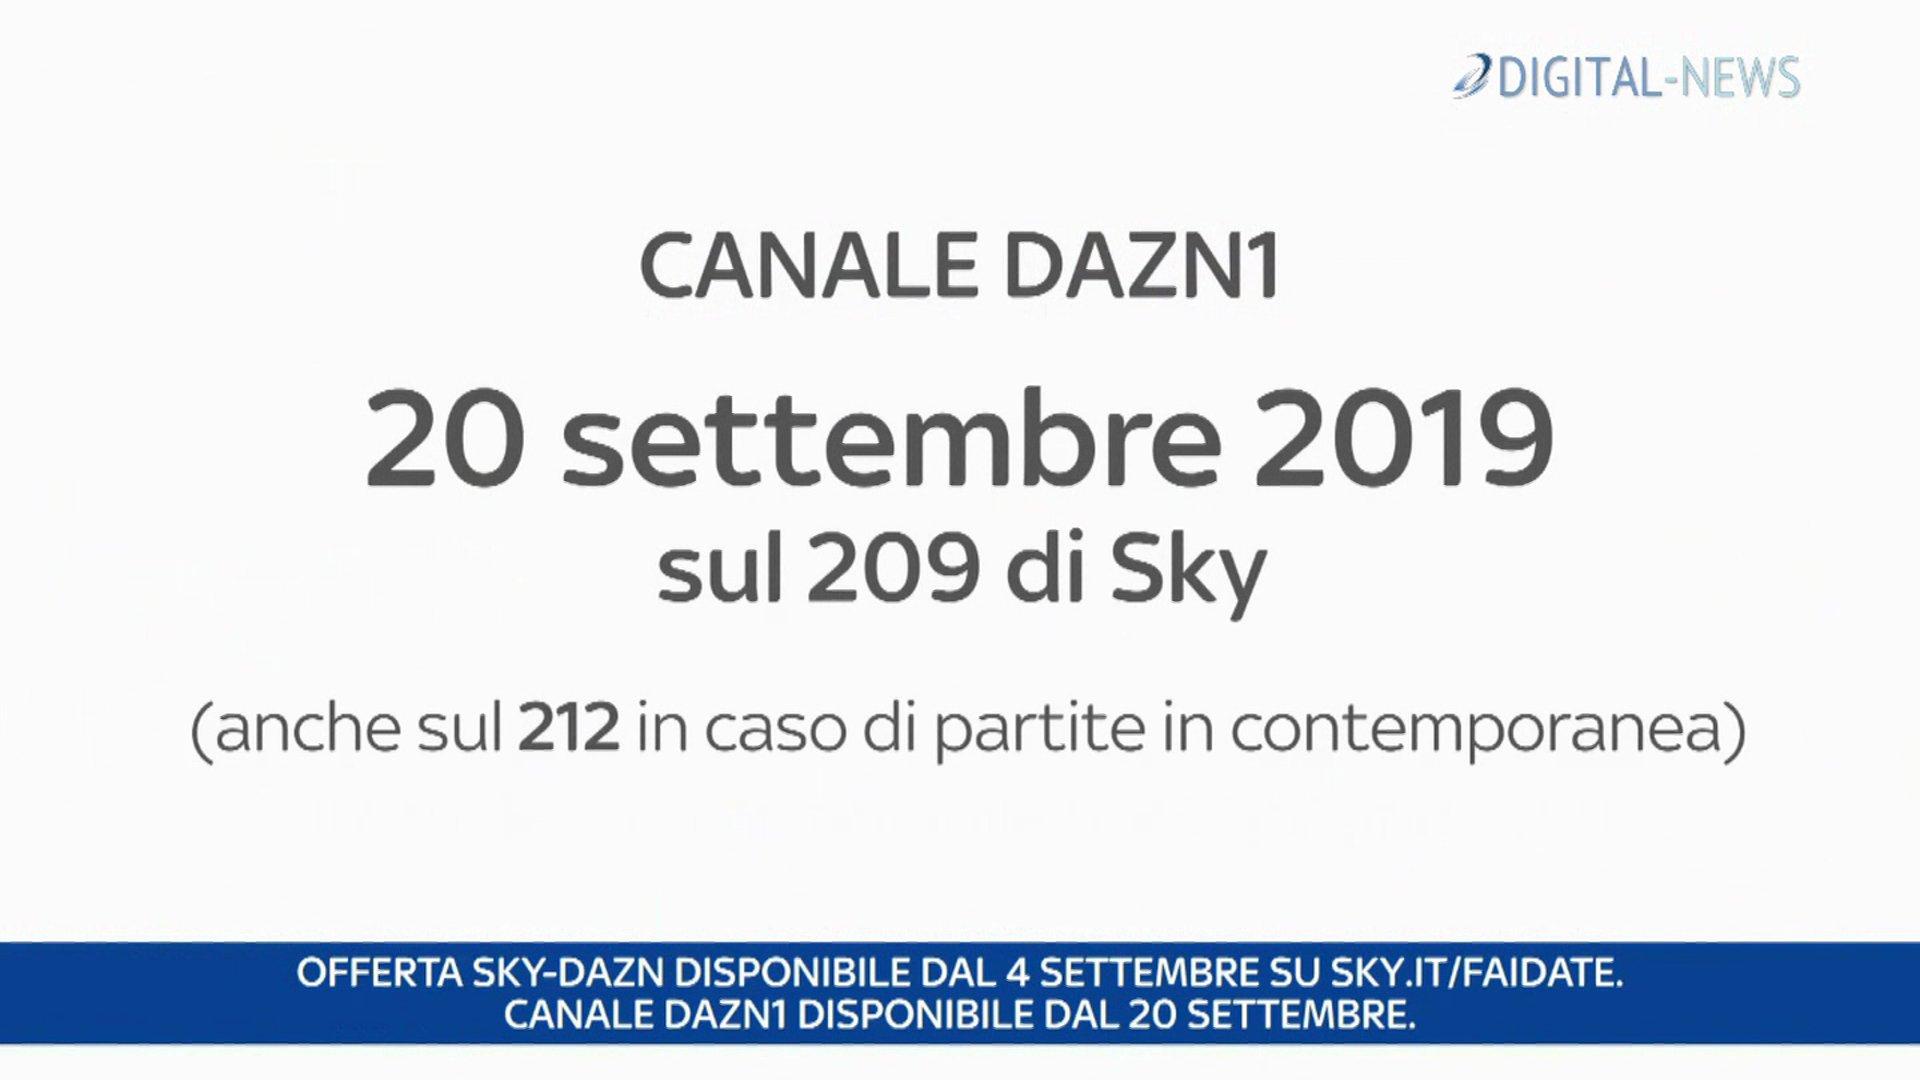 DAZN conferma accordo con Sky, dal 20 Settembre il canale satellitare DAZN1